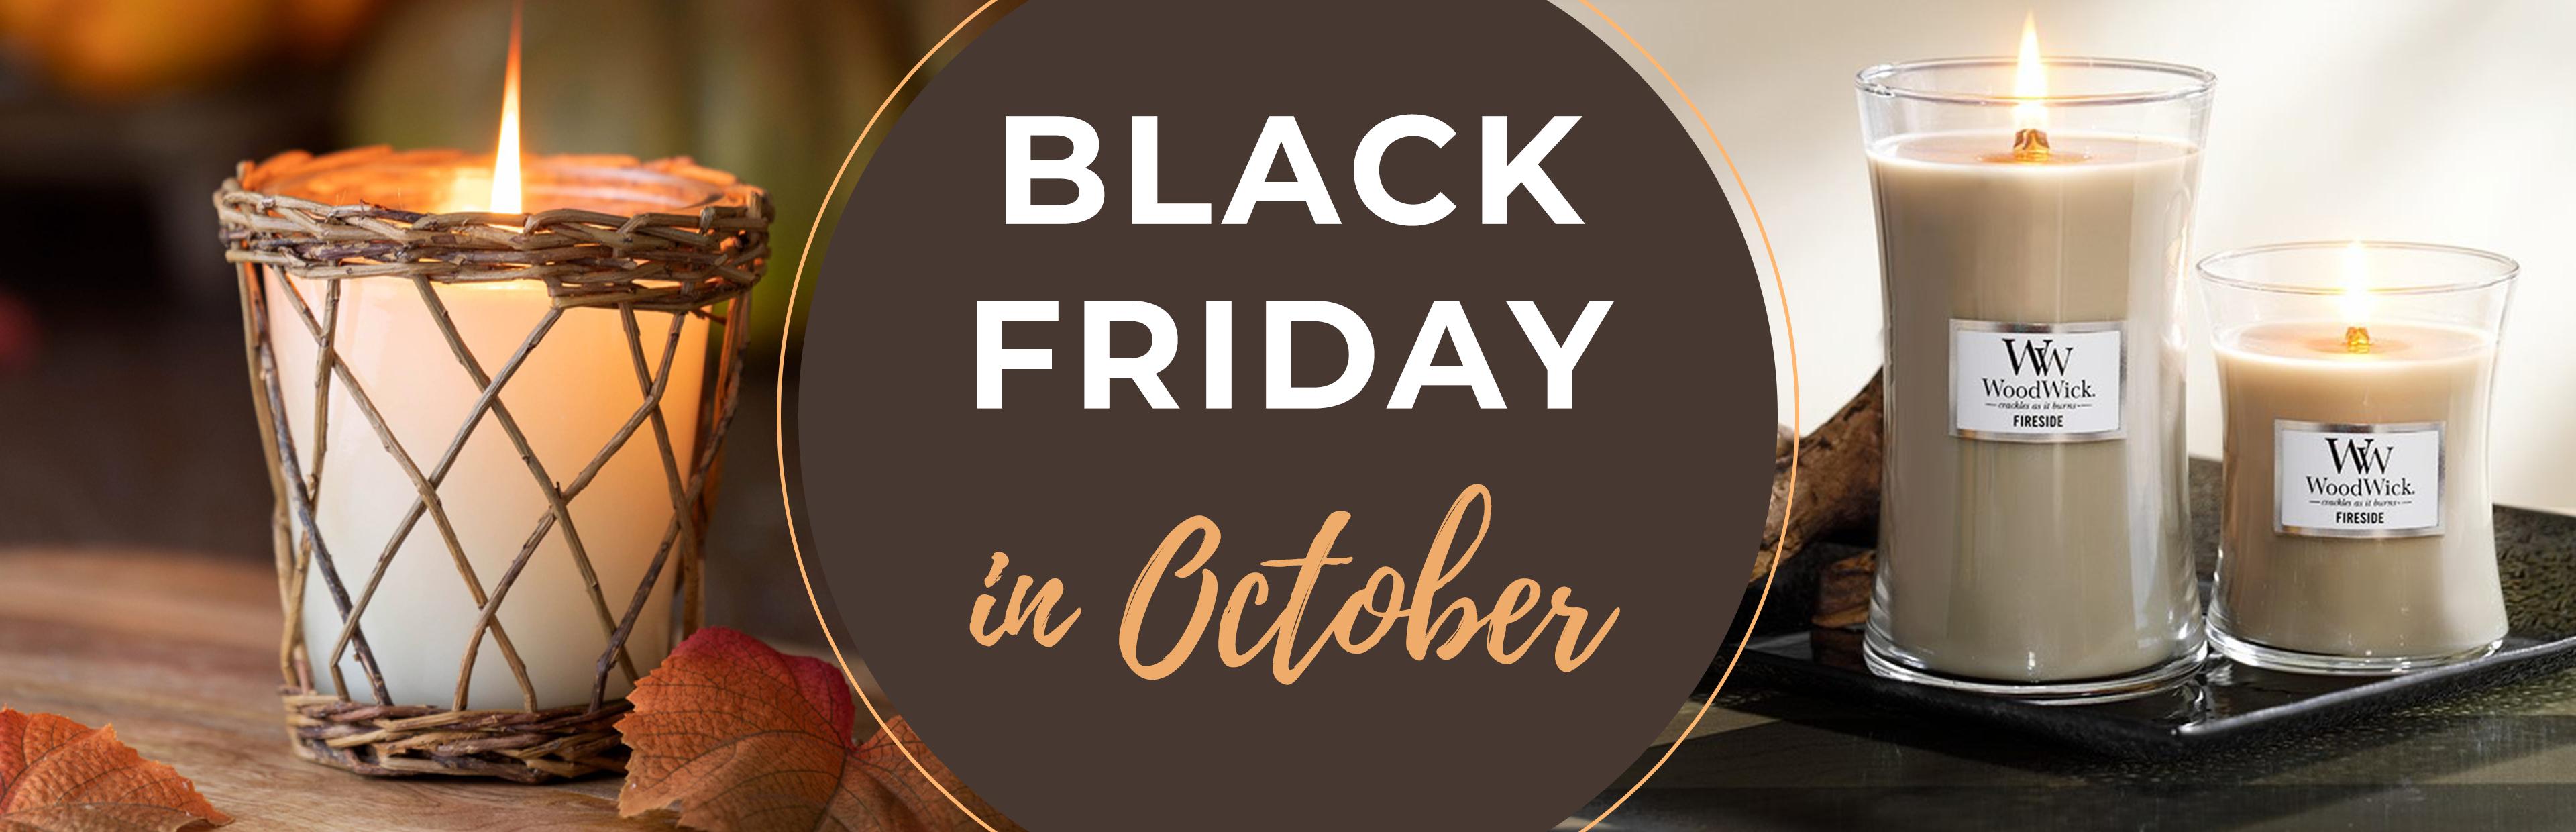 Black Friday in October